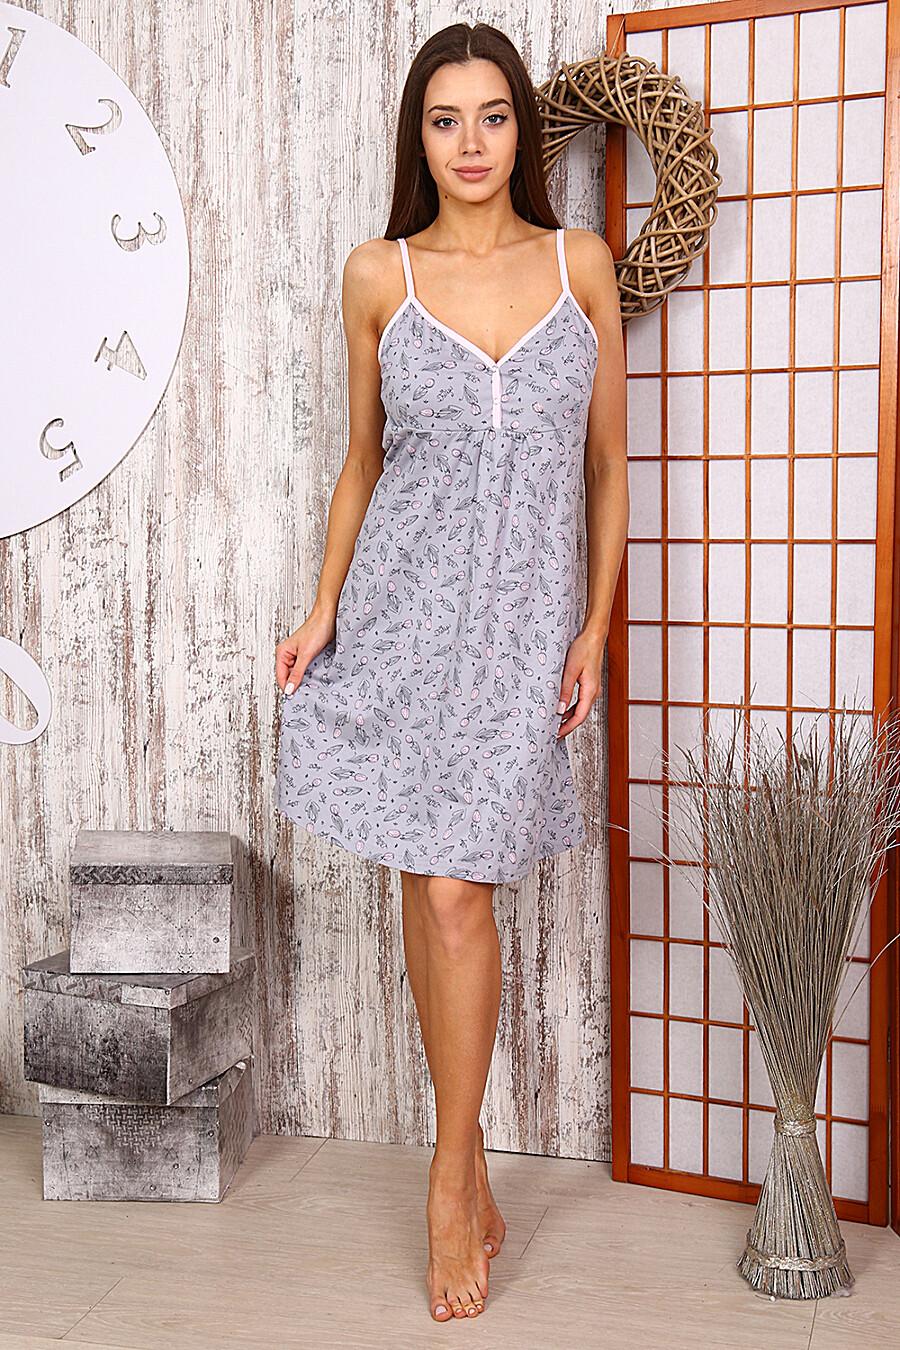 Сорочка 15107 для женщин НАТАЛИ 288680 купить оптом от производителя. Совместная покупка женской одежды в OptMoyo